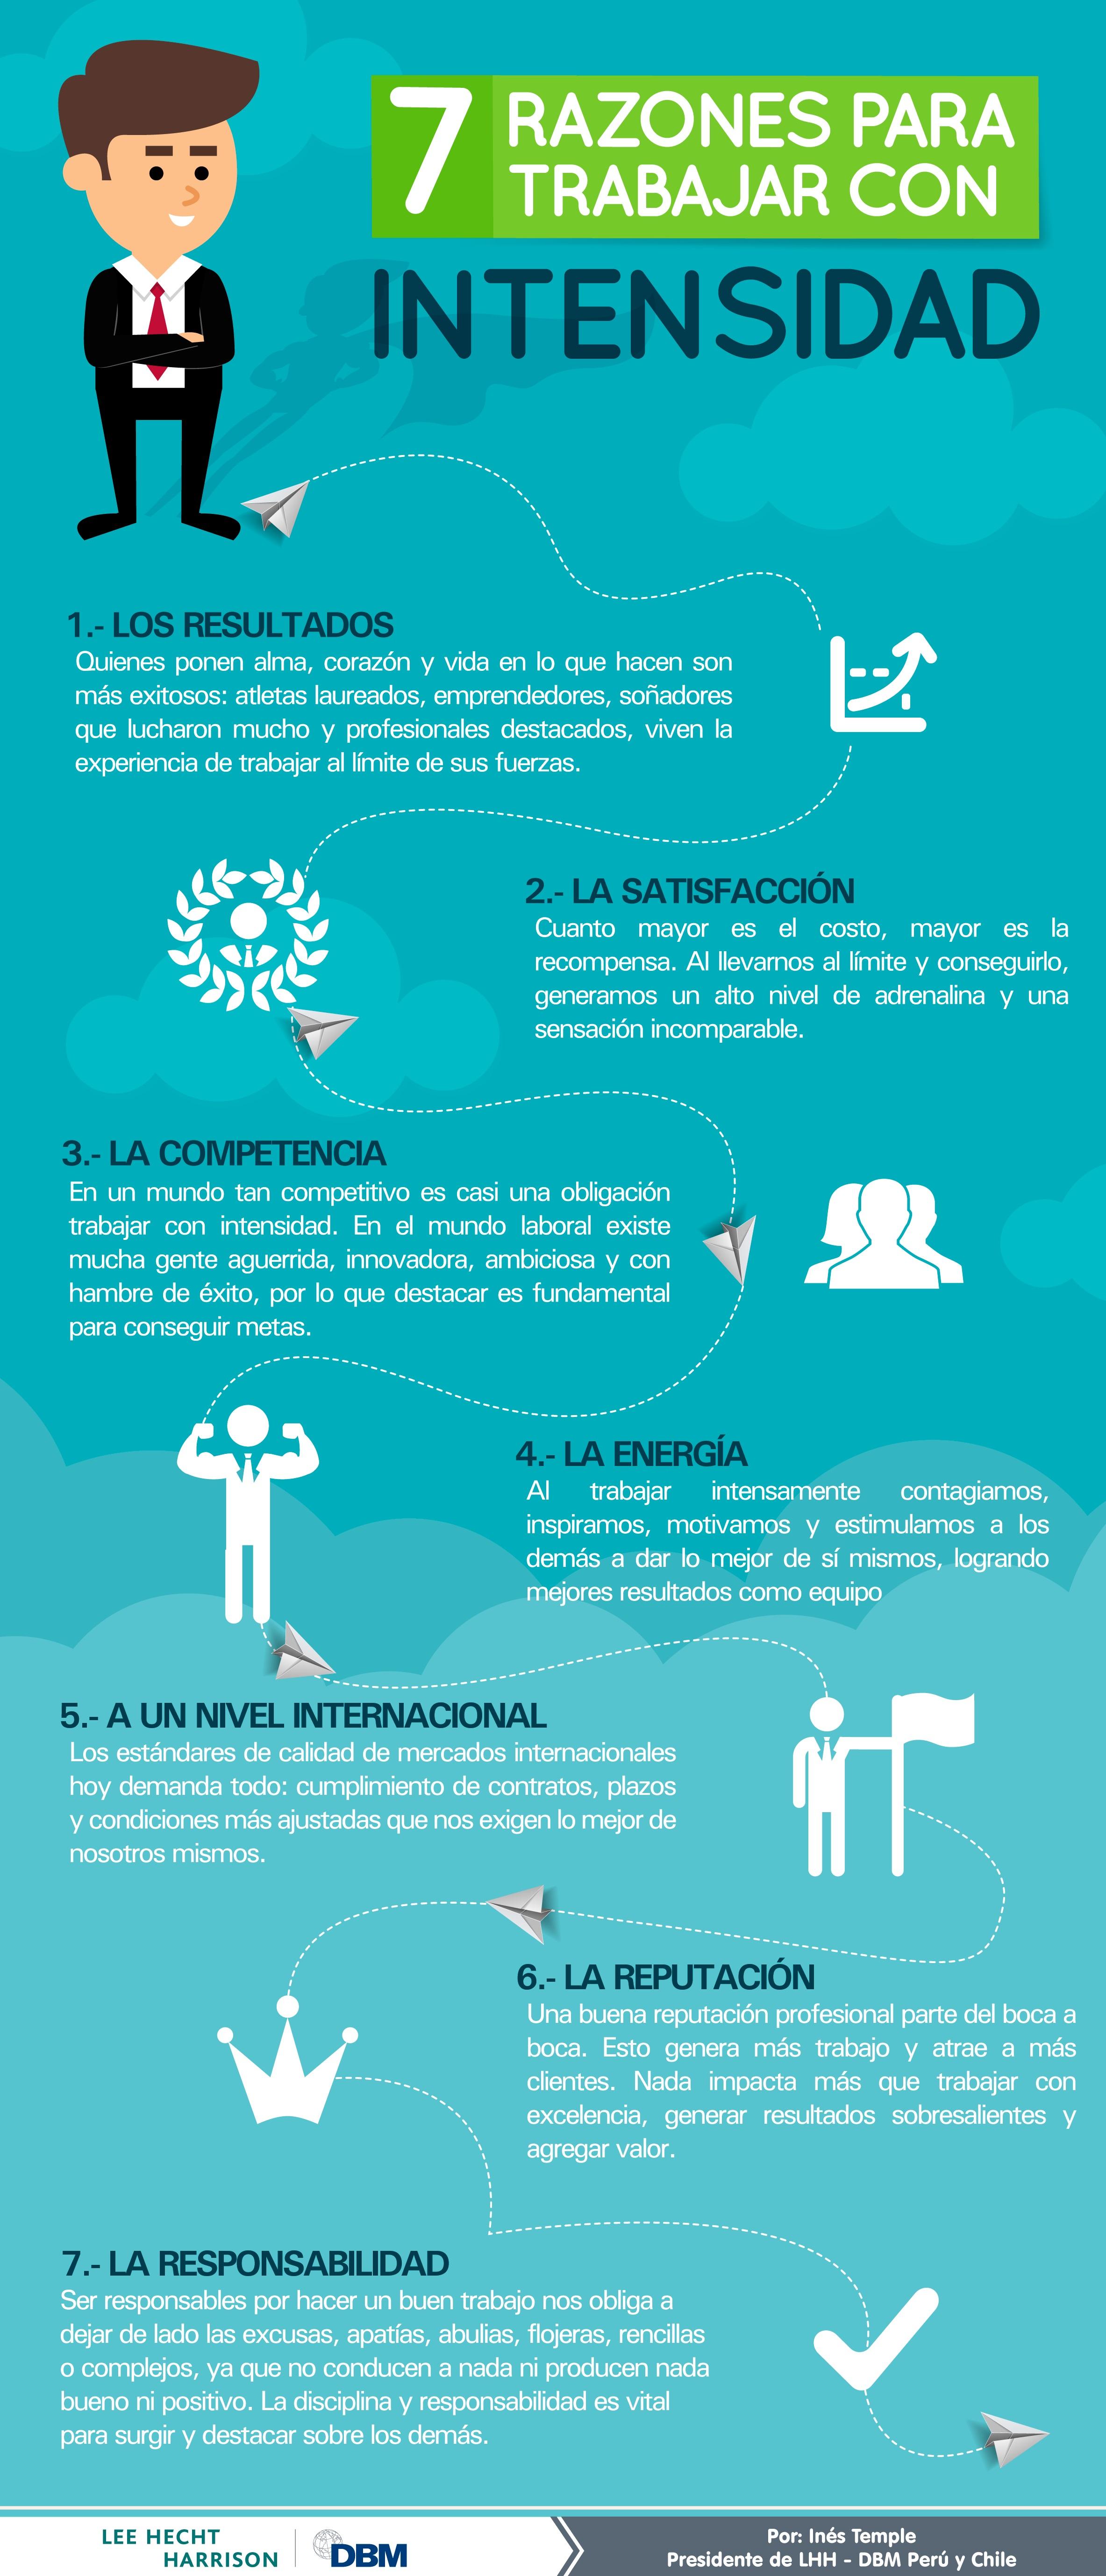 7 razones para trabajar con intensidad